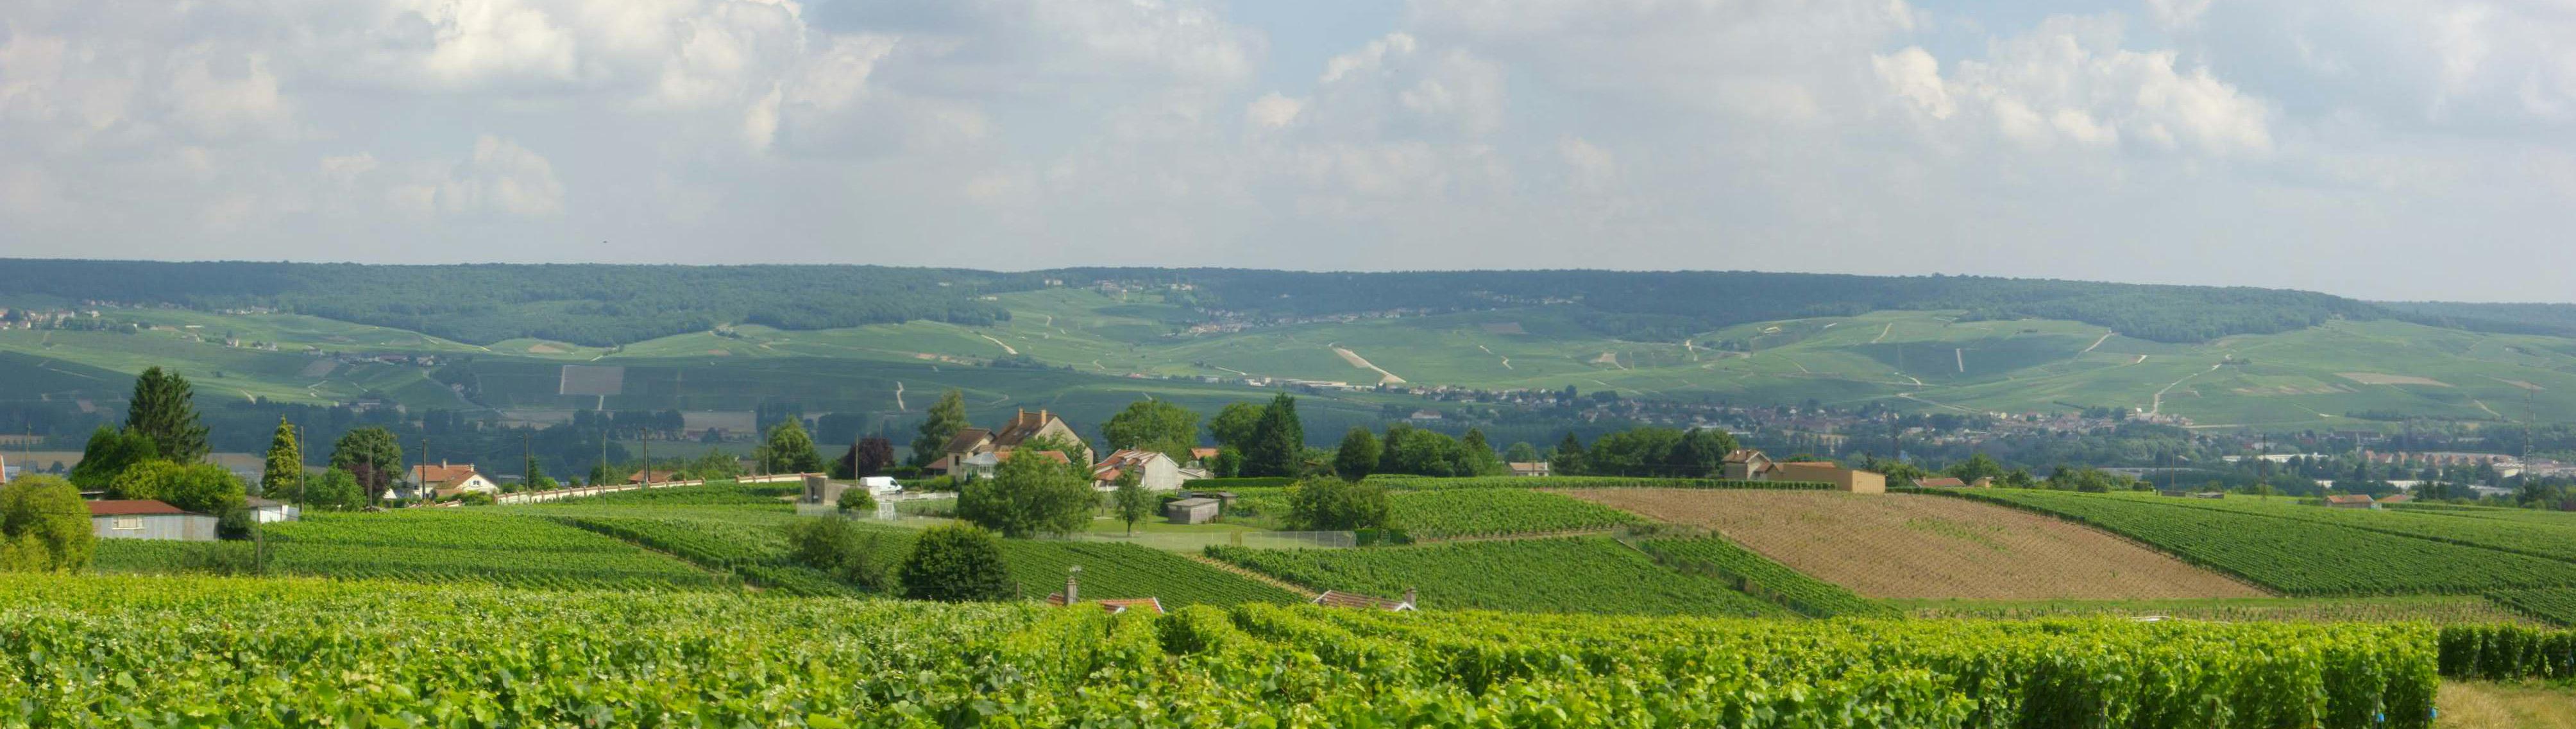 Grande vall e de la marne tomas 39 s wine blog for Champagne marne